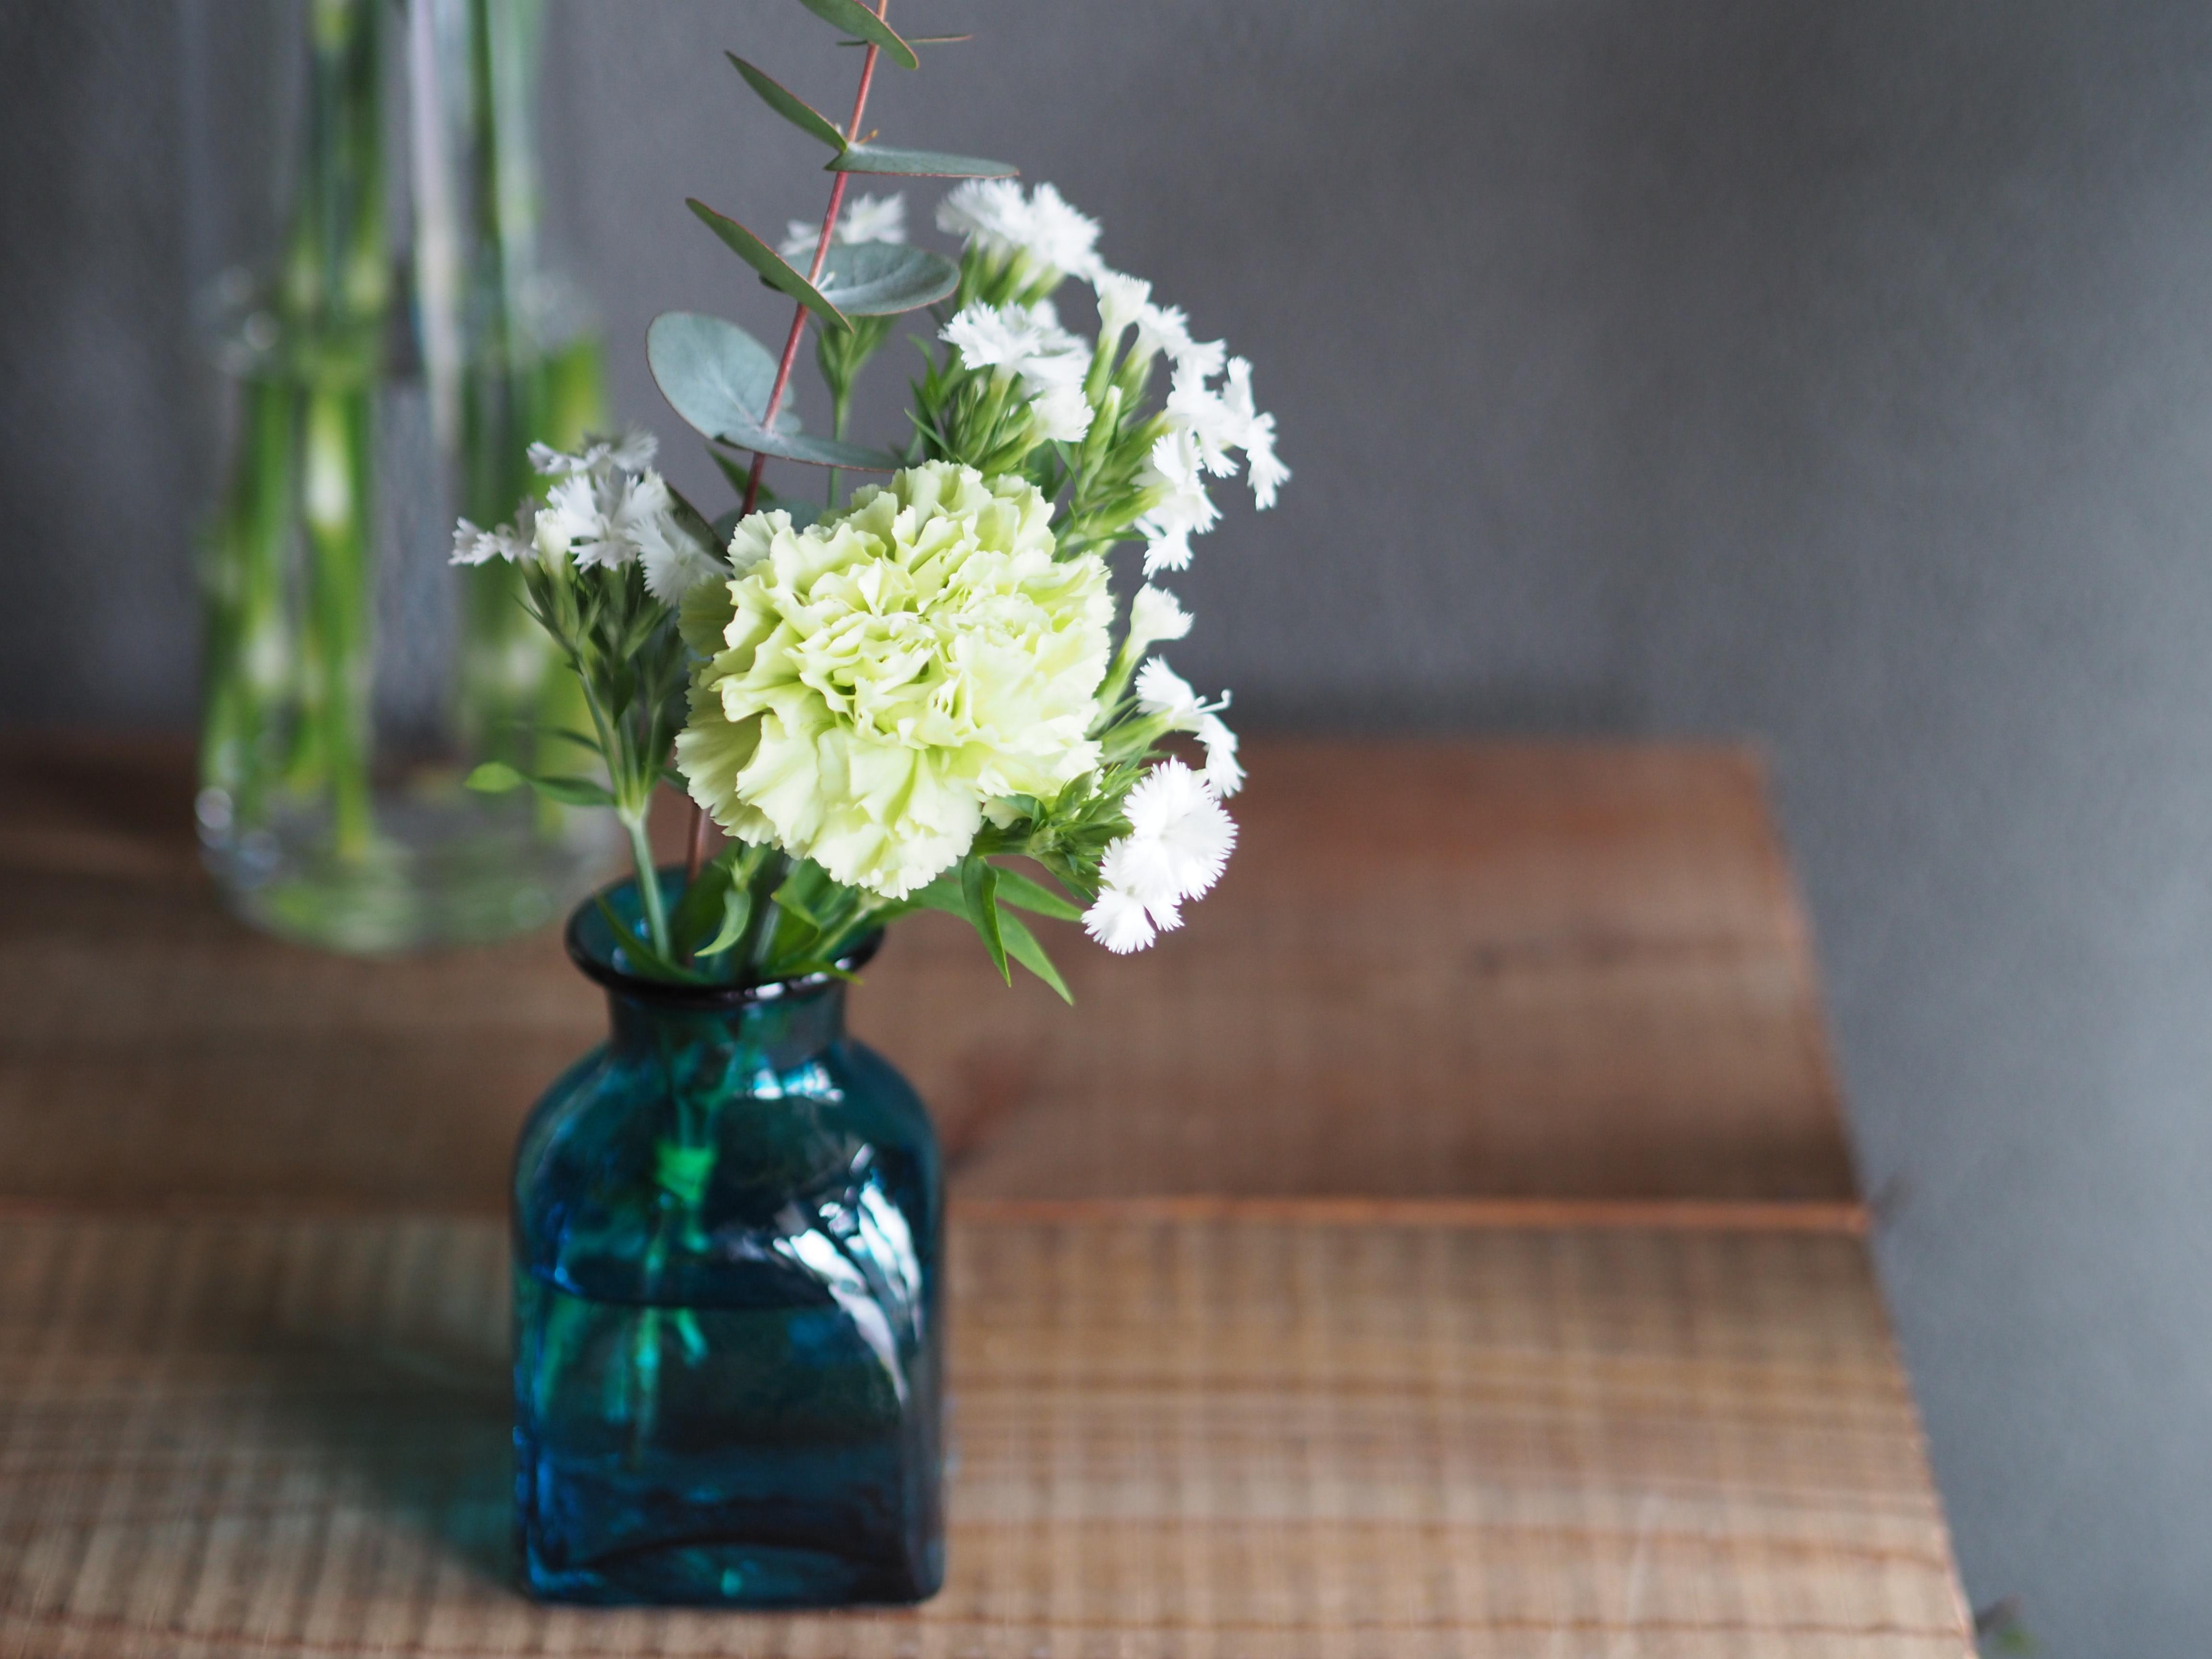 【地域限定】季節のお花定期便 600円×4回分(新森・清水のみ)